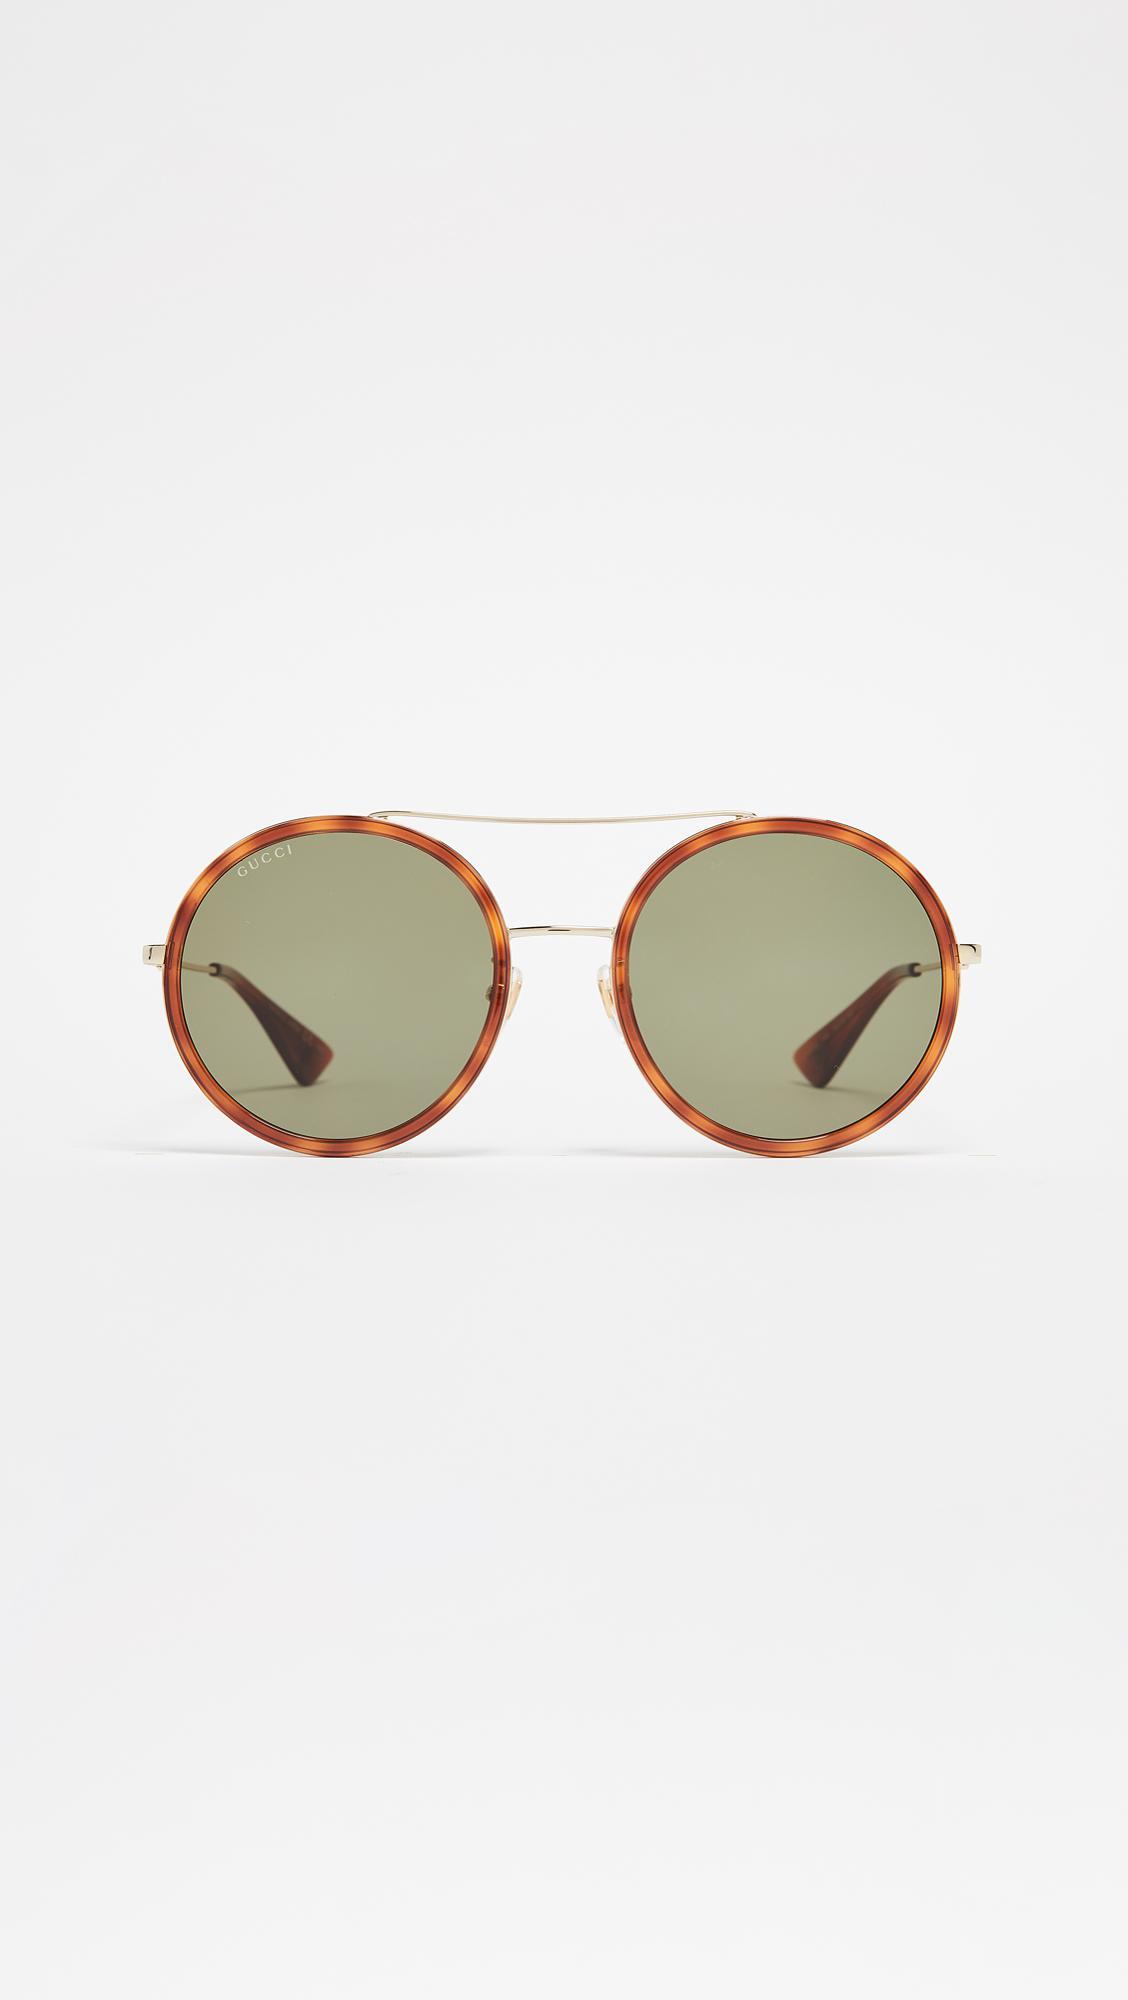 662910be4297 Gucci - Multicolor Urban Web Block Round Sunglasses - Lyst. View fullscreen